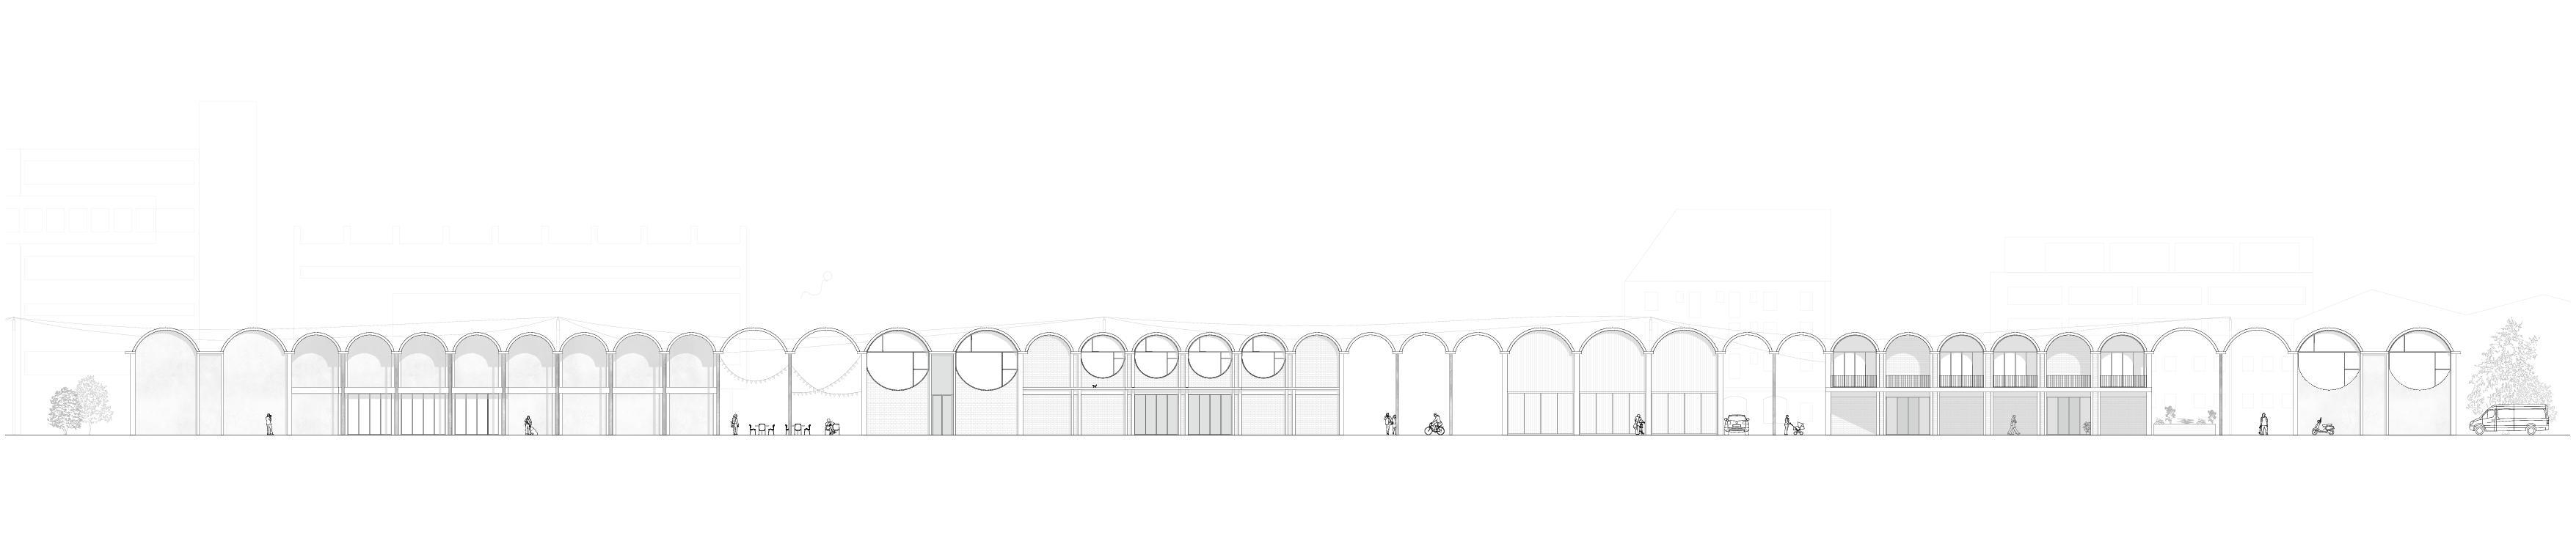 Fassade Gemeinschaftshaus Luzern von